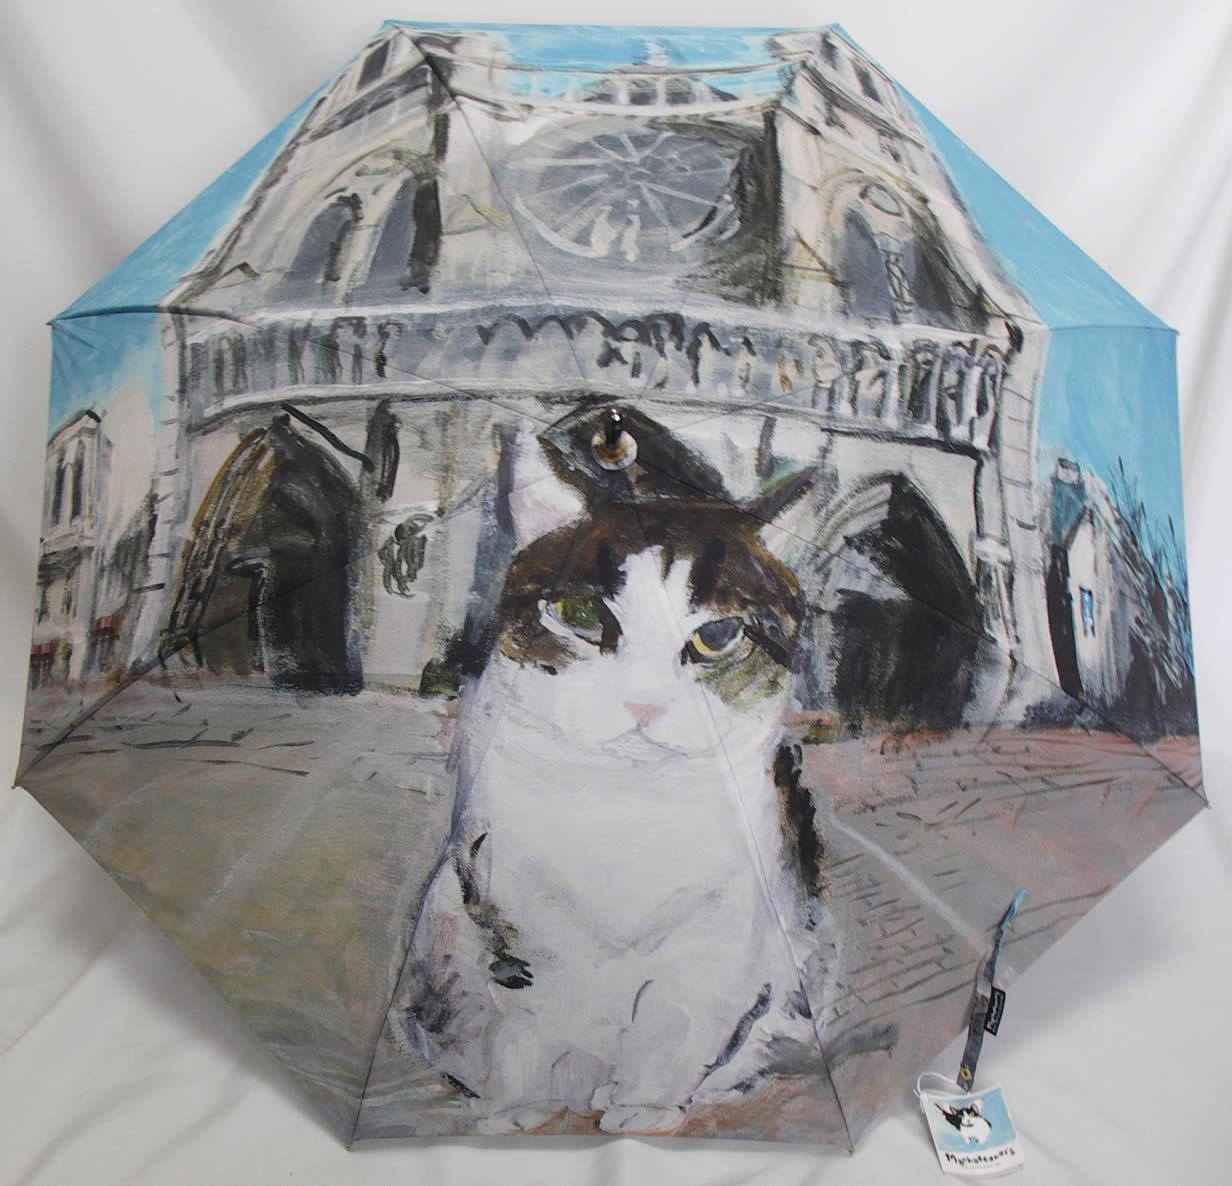 マンハッタナーズ傘 婦人傘 レディース 長傘 ノートルダム 猫 「マンハッタナーズ ノートルダムの敬虔なフェデリコ」 【送料無料】